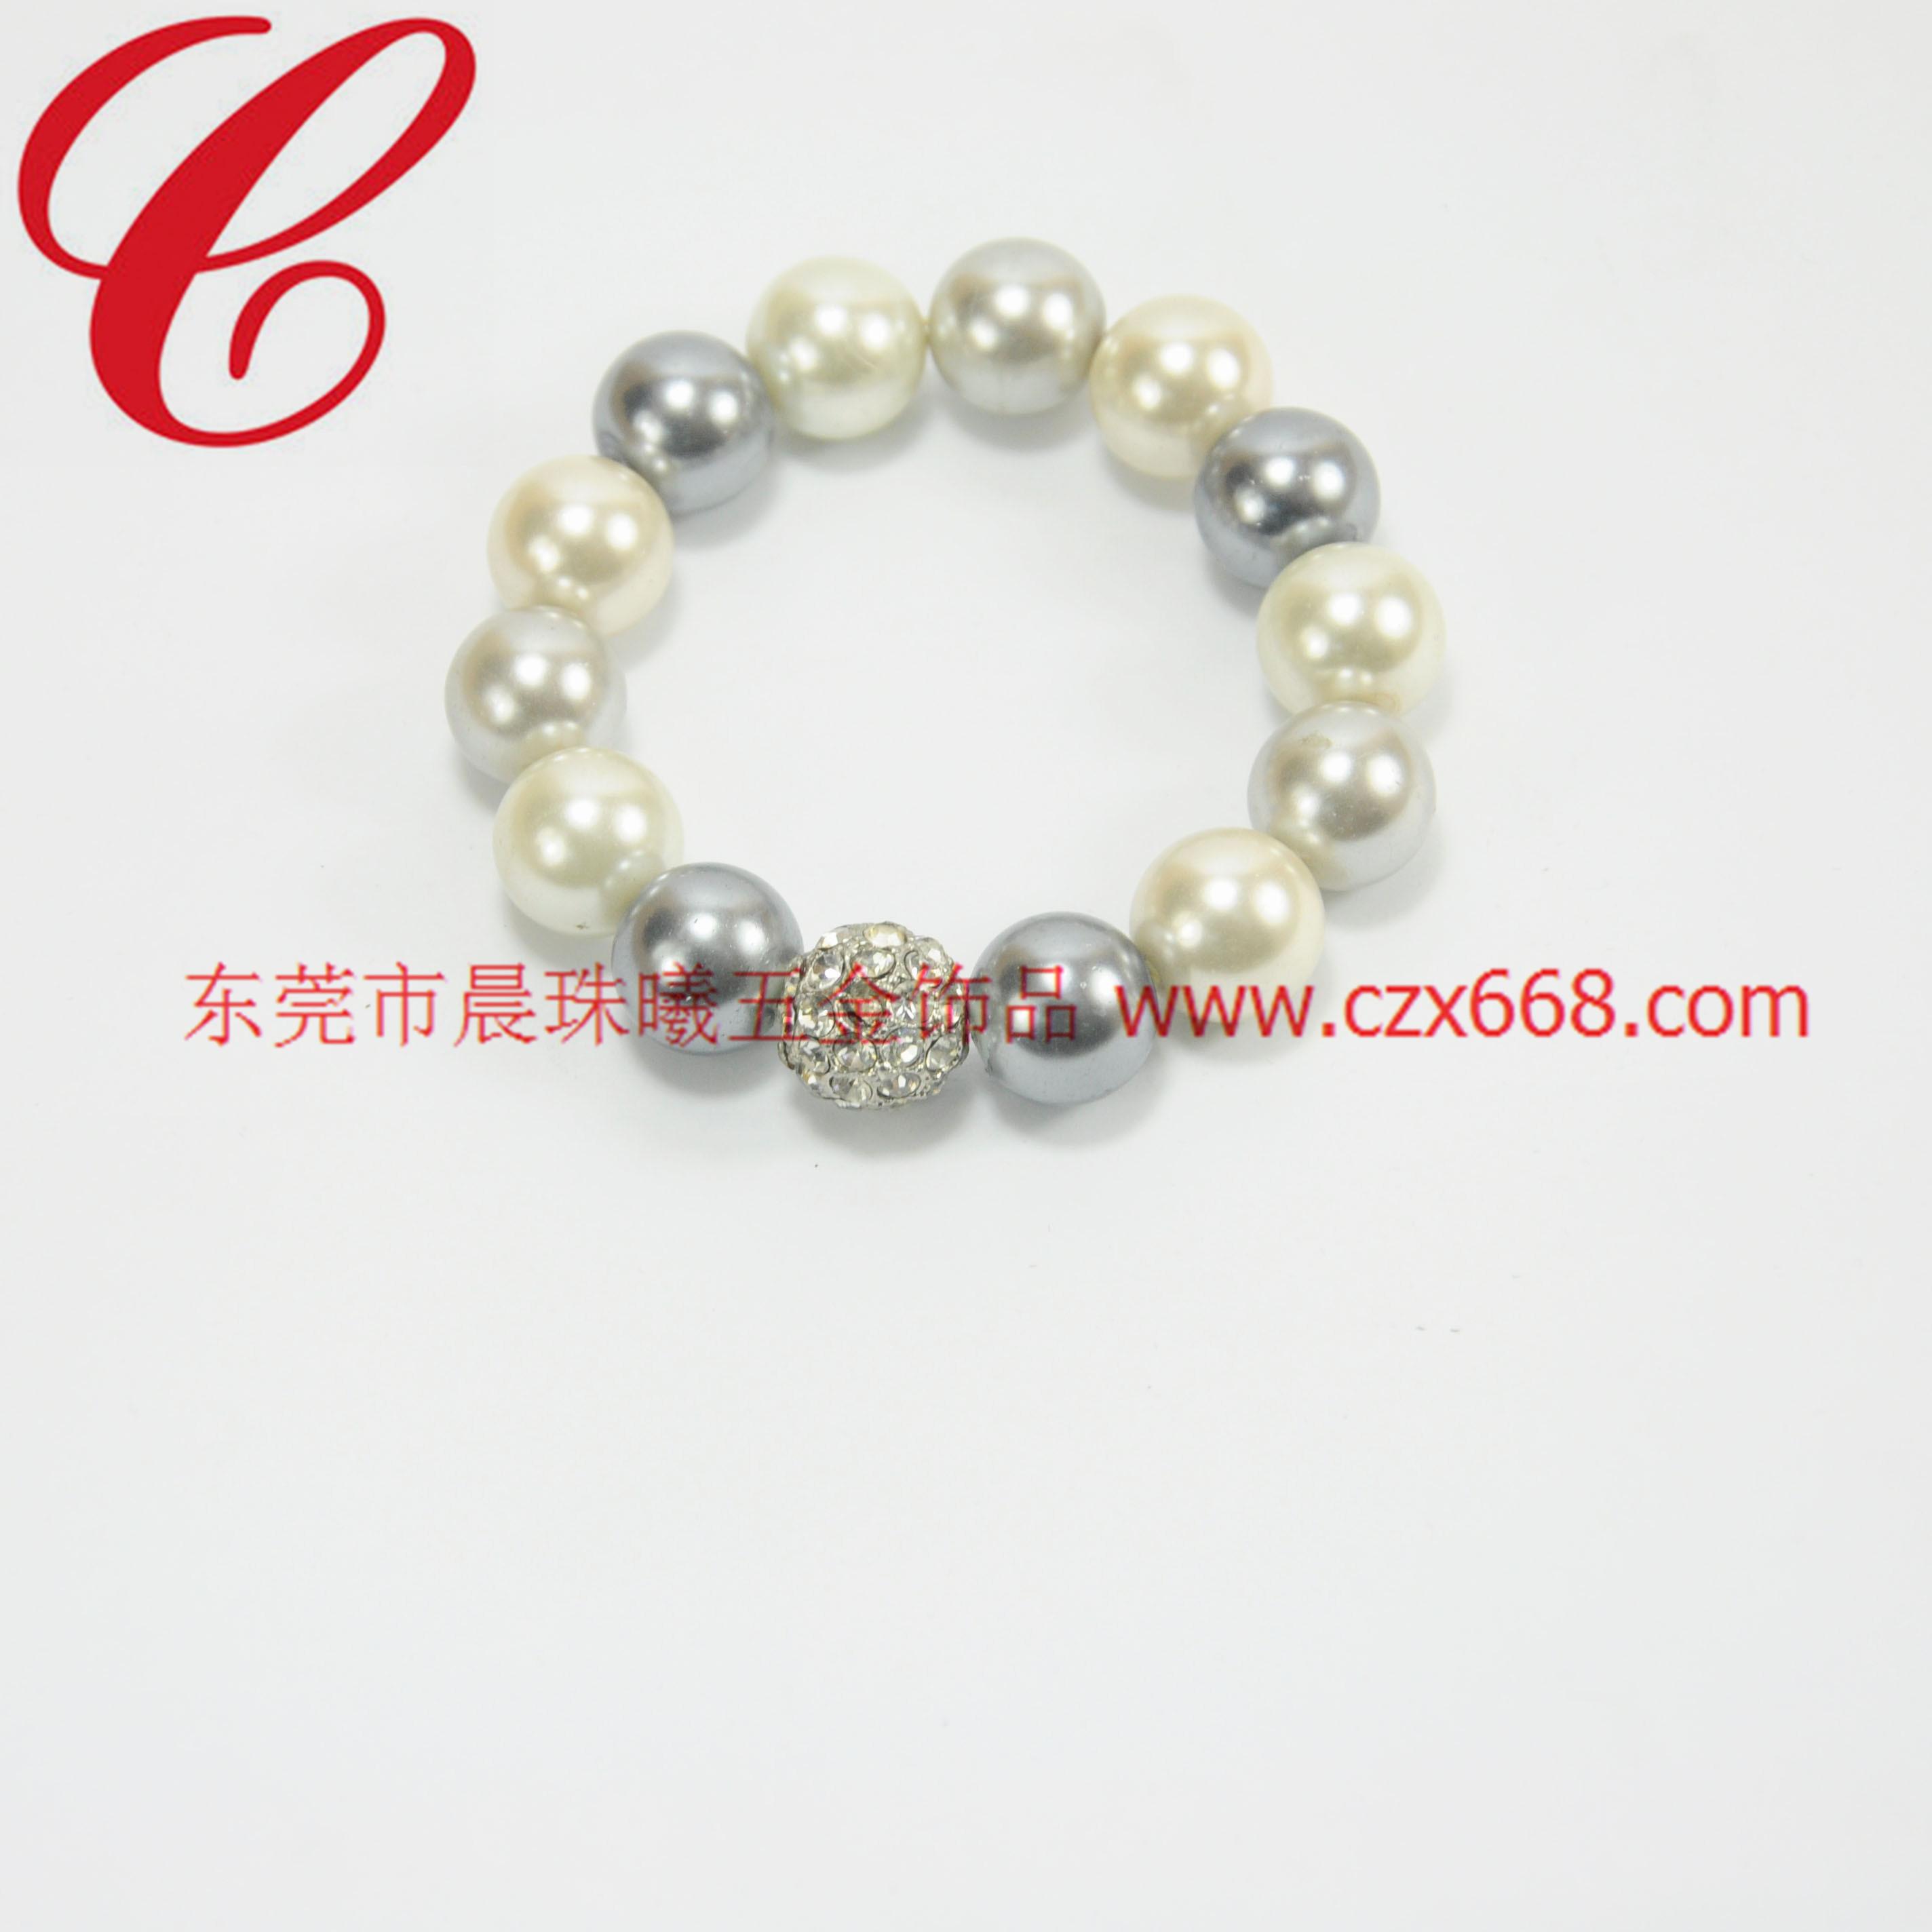 仿珍珠饰品手链-23